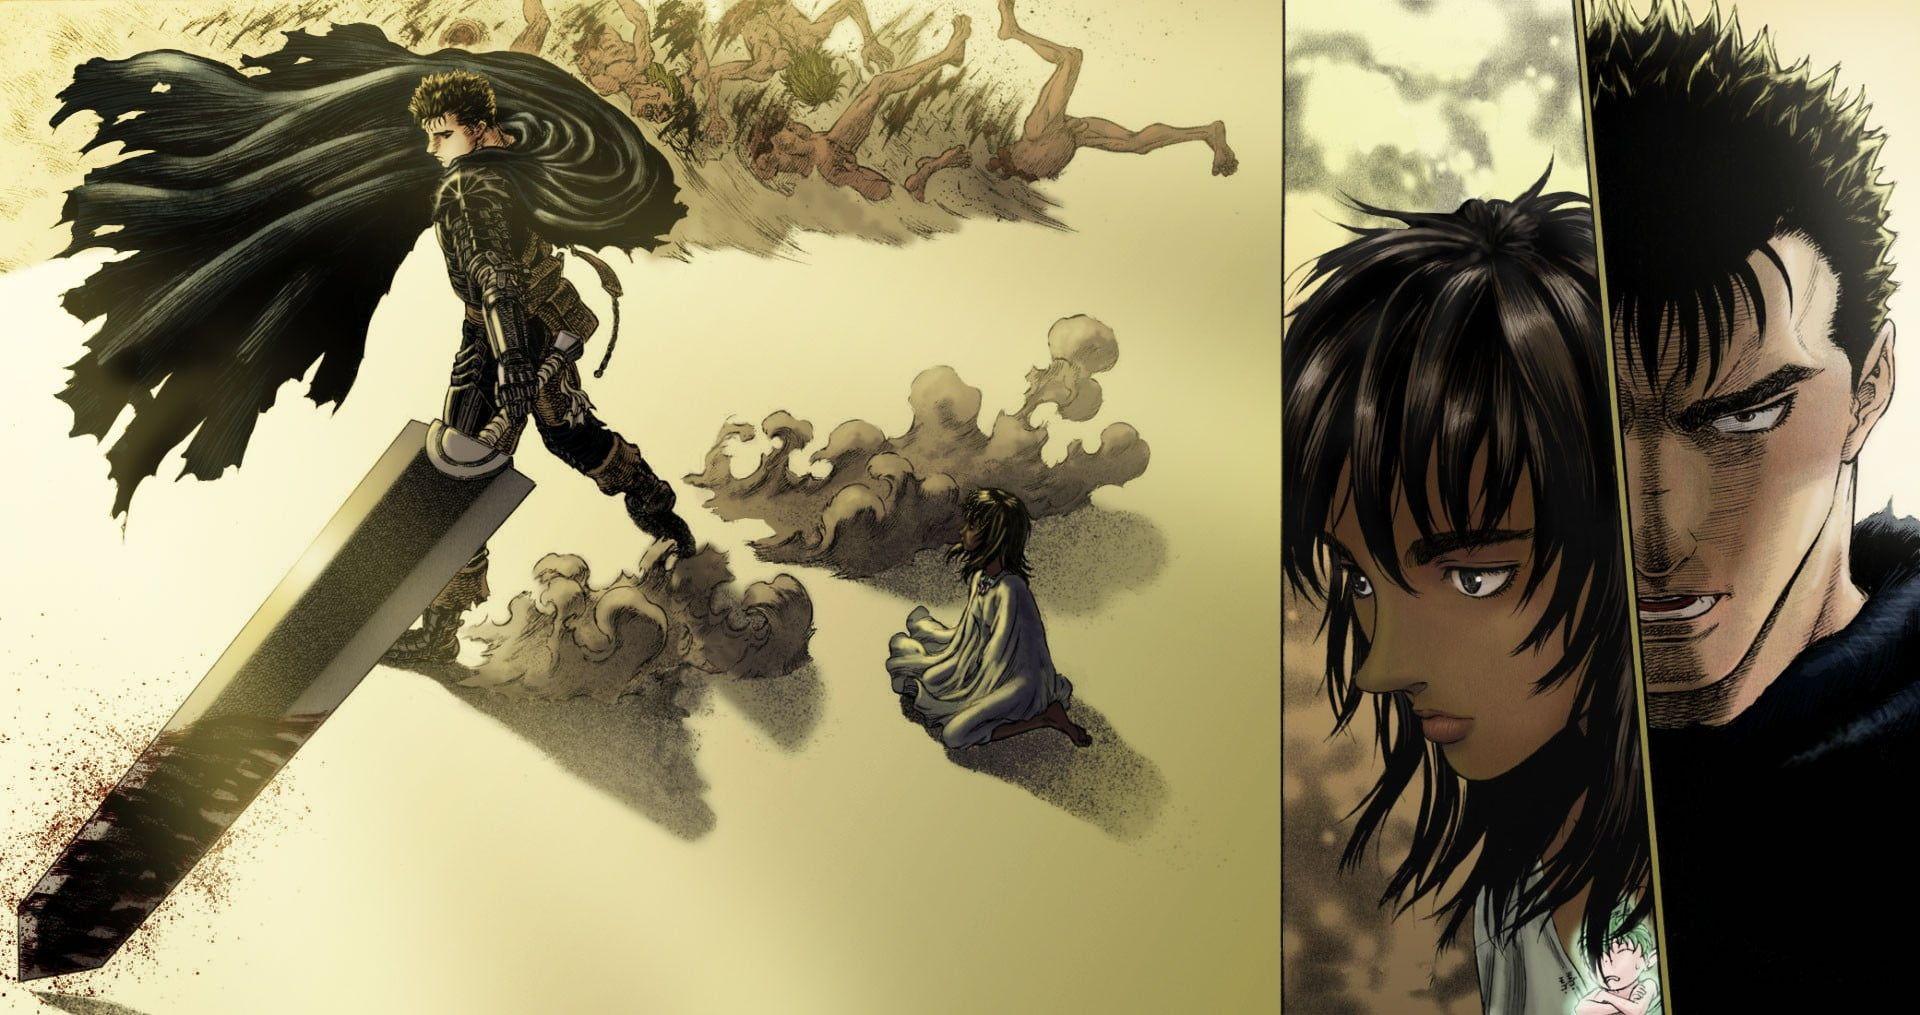 man holding large sword wallpaper Berserk Guts manga